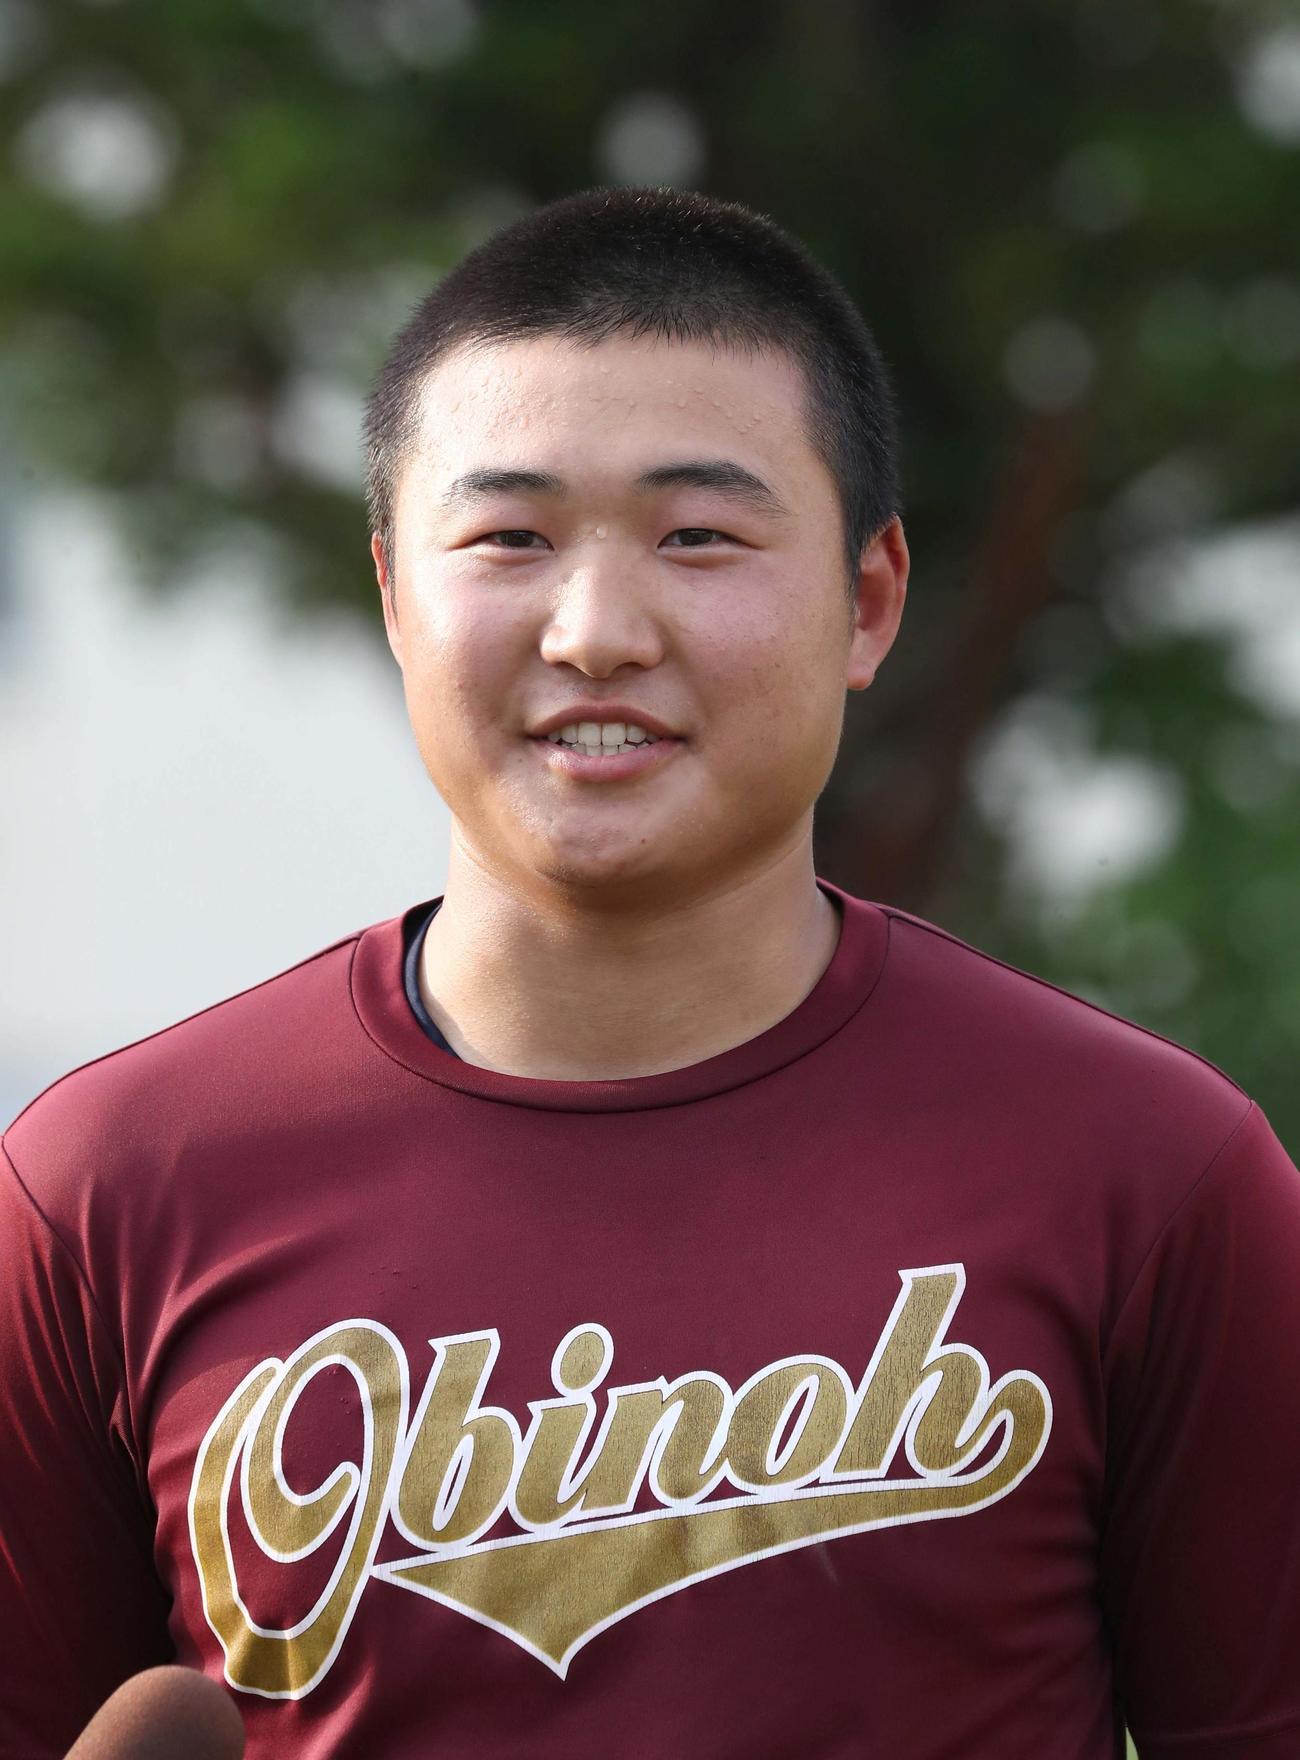 20年6月10日、甲子園高校野球交流戦に出場が決まり笑顔の帯広農水上流暢右翼手